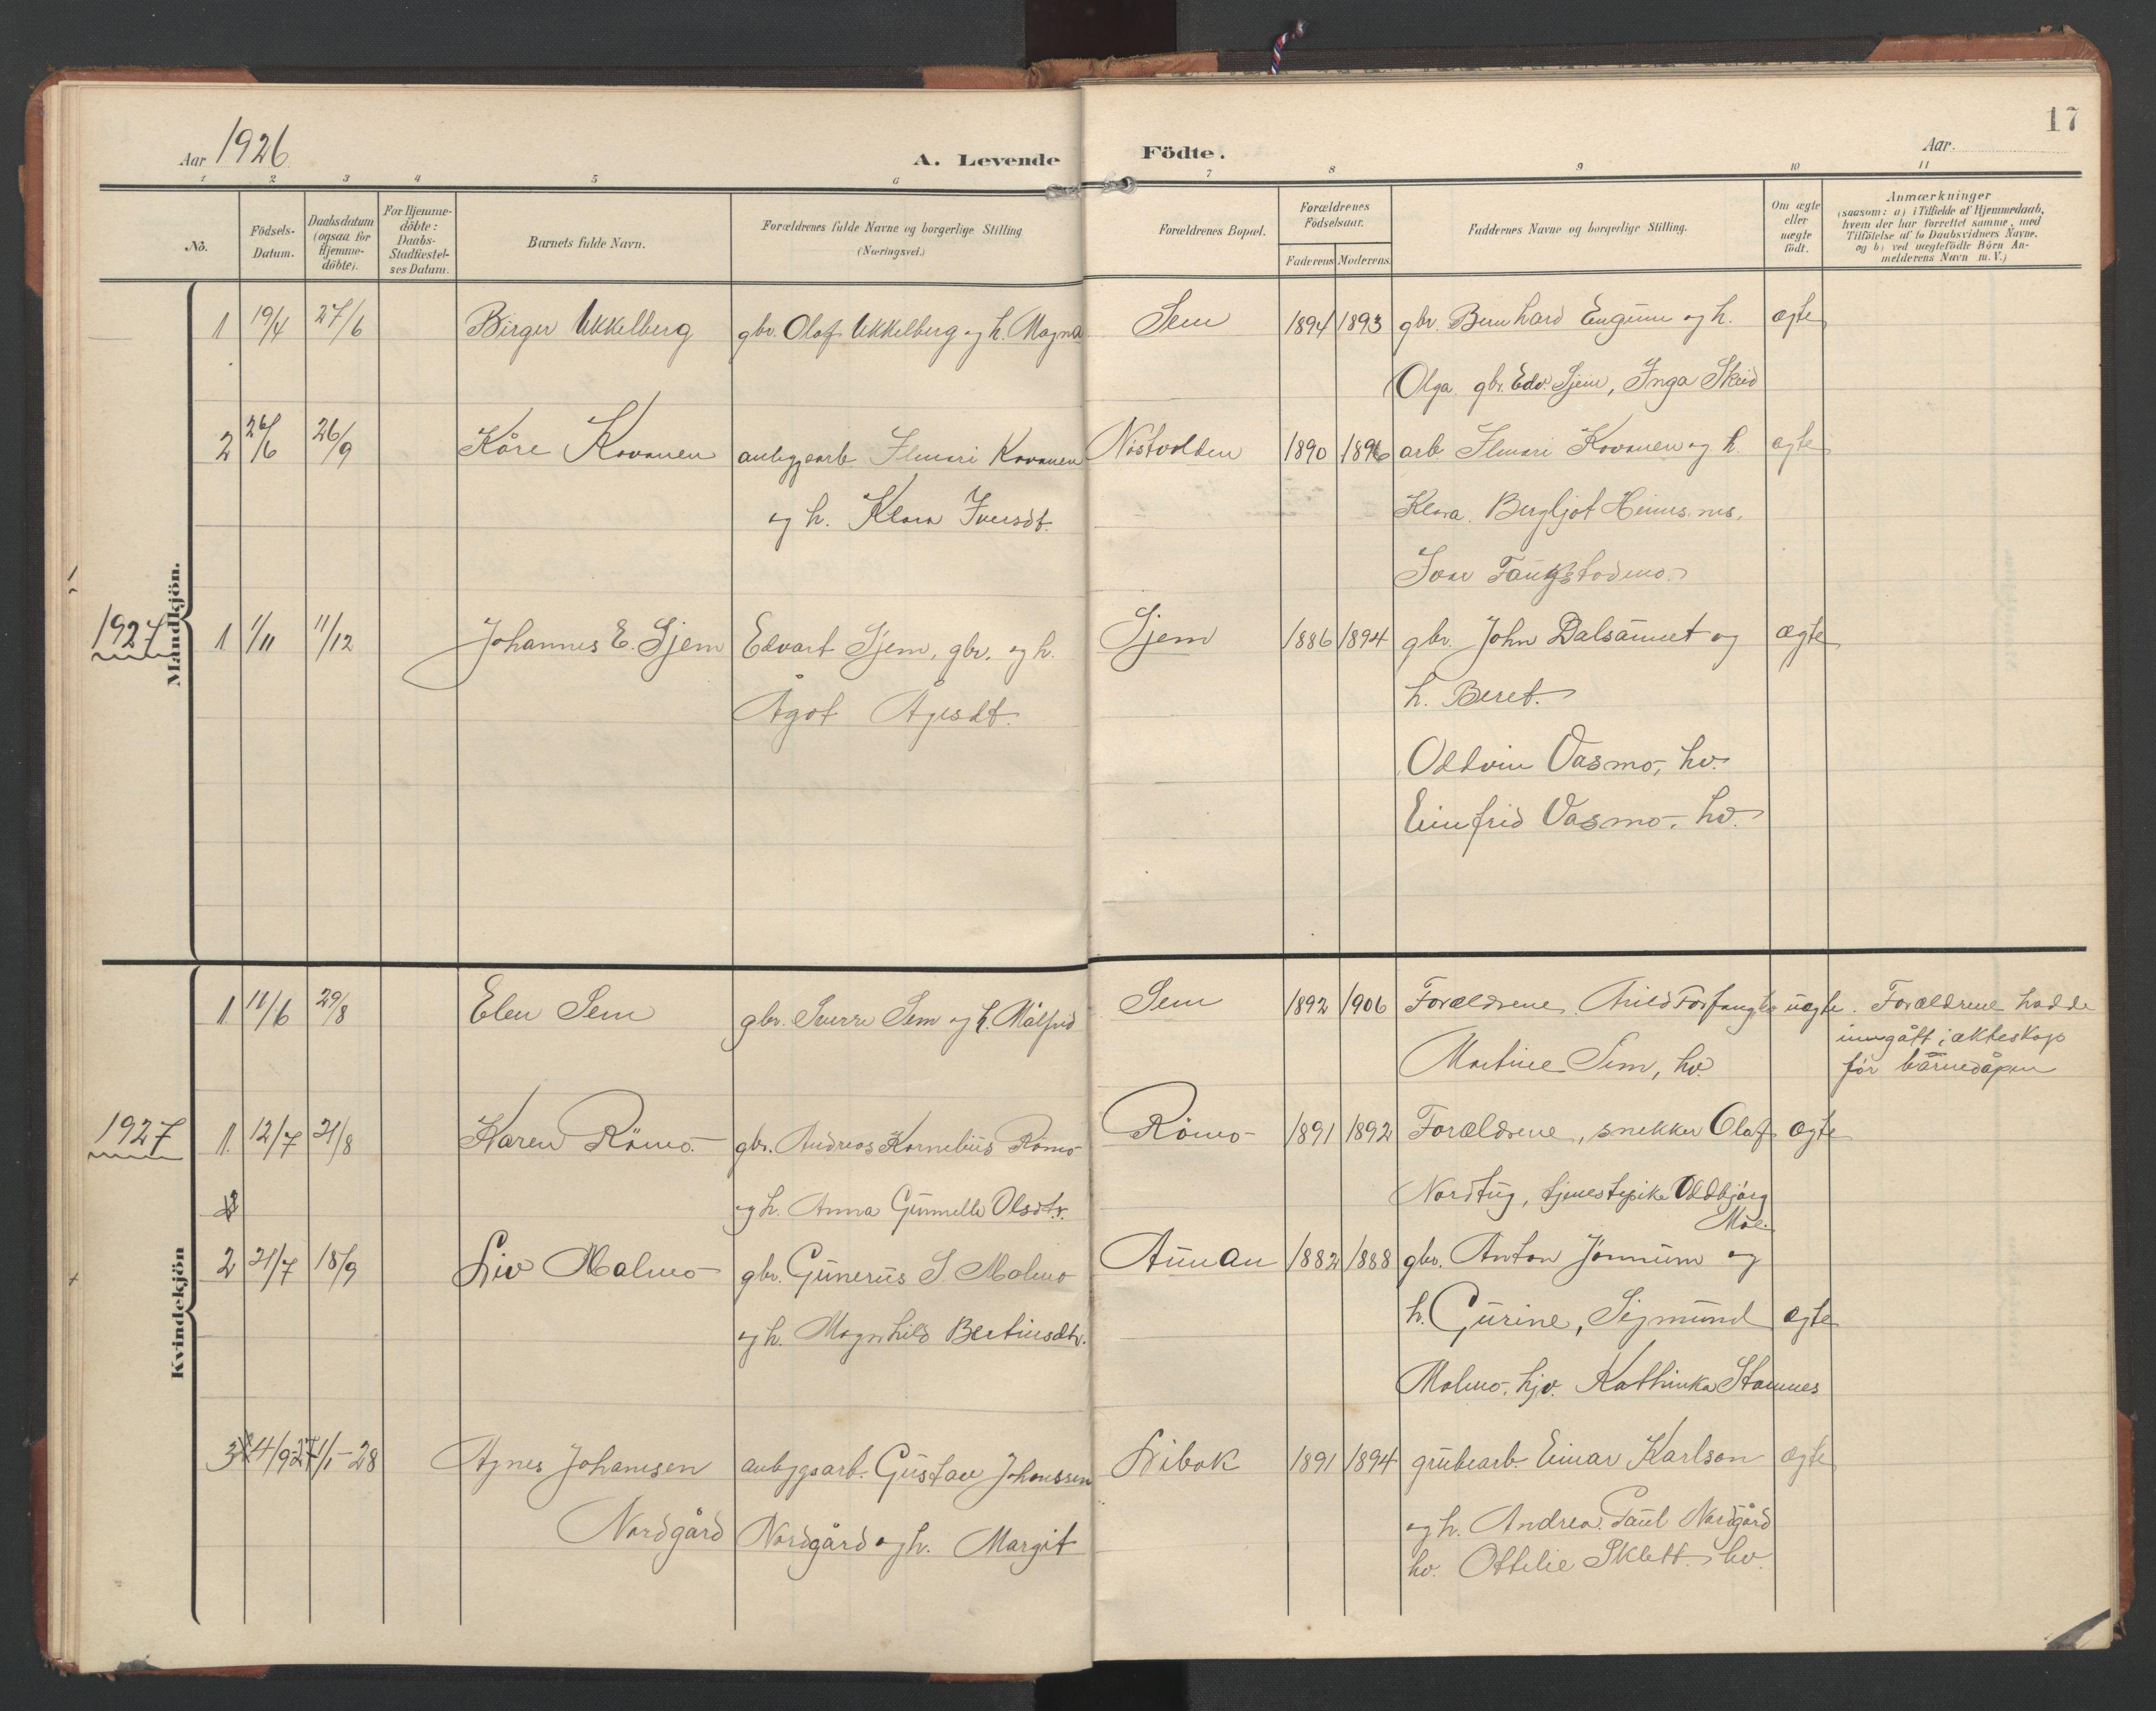 SAT, Ministerialprotokoller, klokkerbøker og fødselsregistre - Nord-Trøndelag, 748/L0465: Klokkerbok nr. 748C01, 1908-1960, s. 17